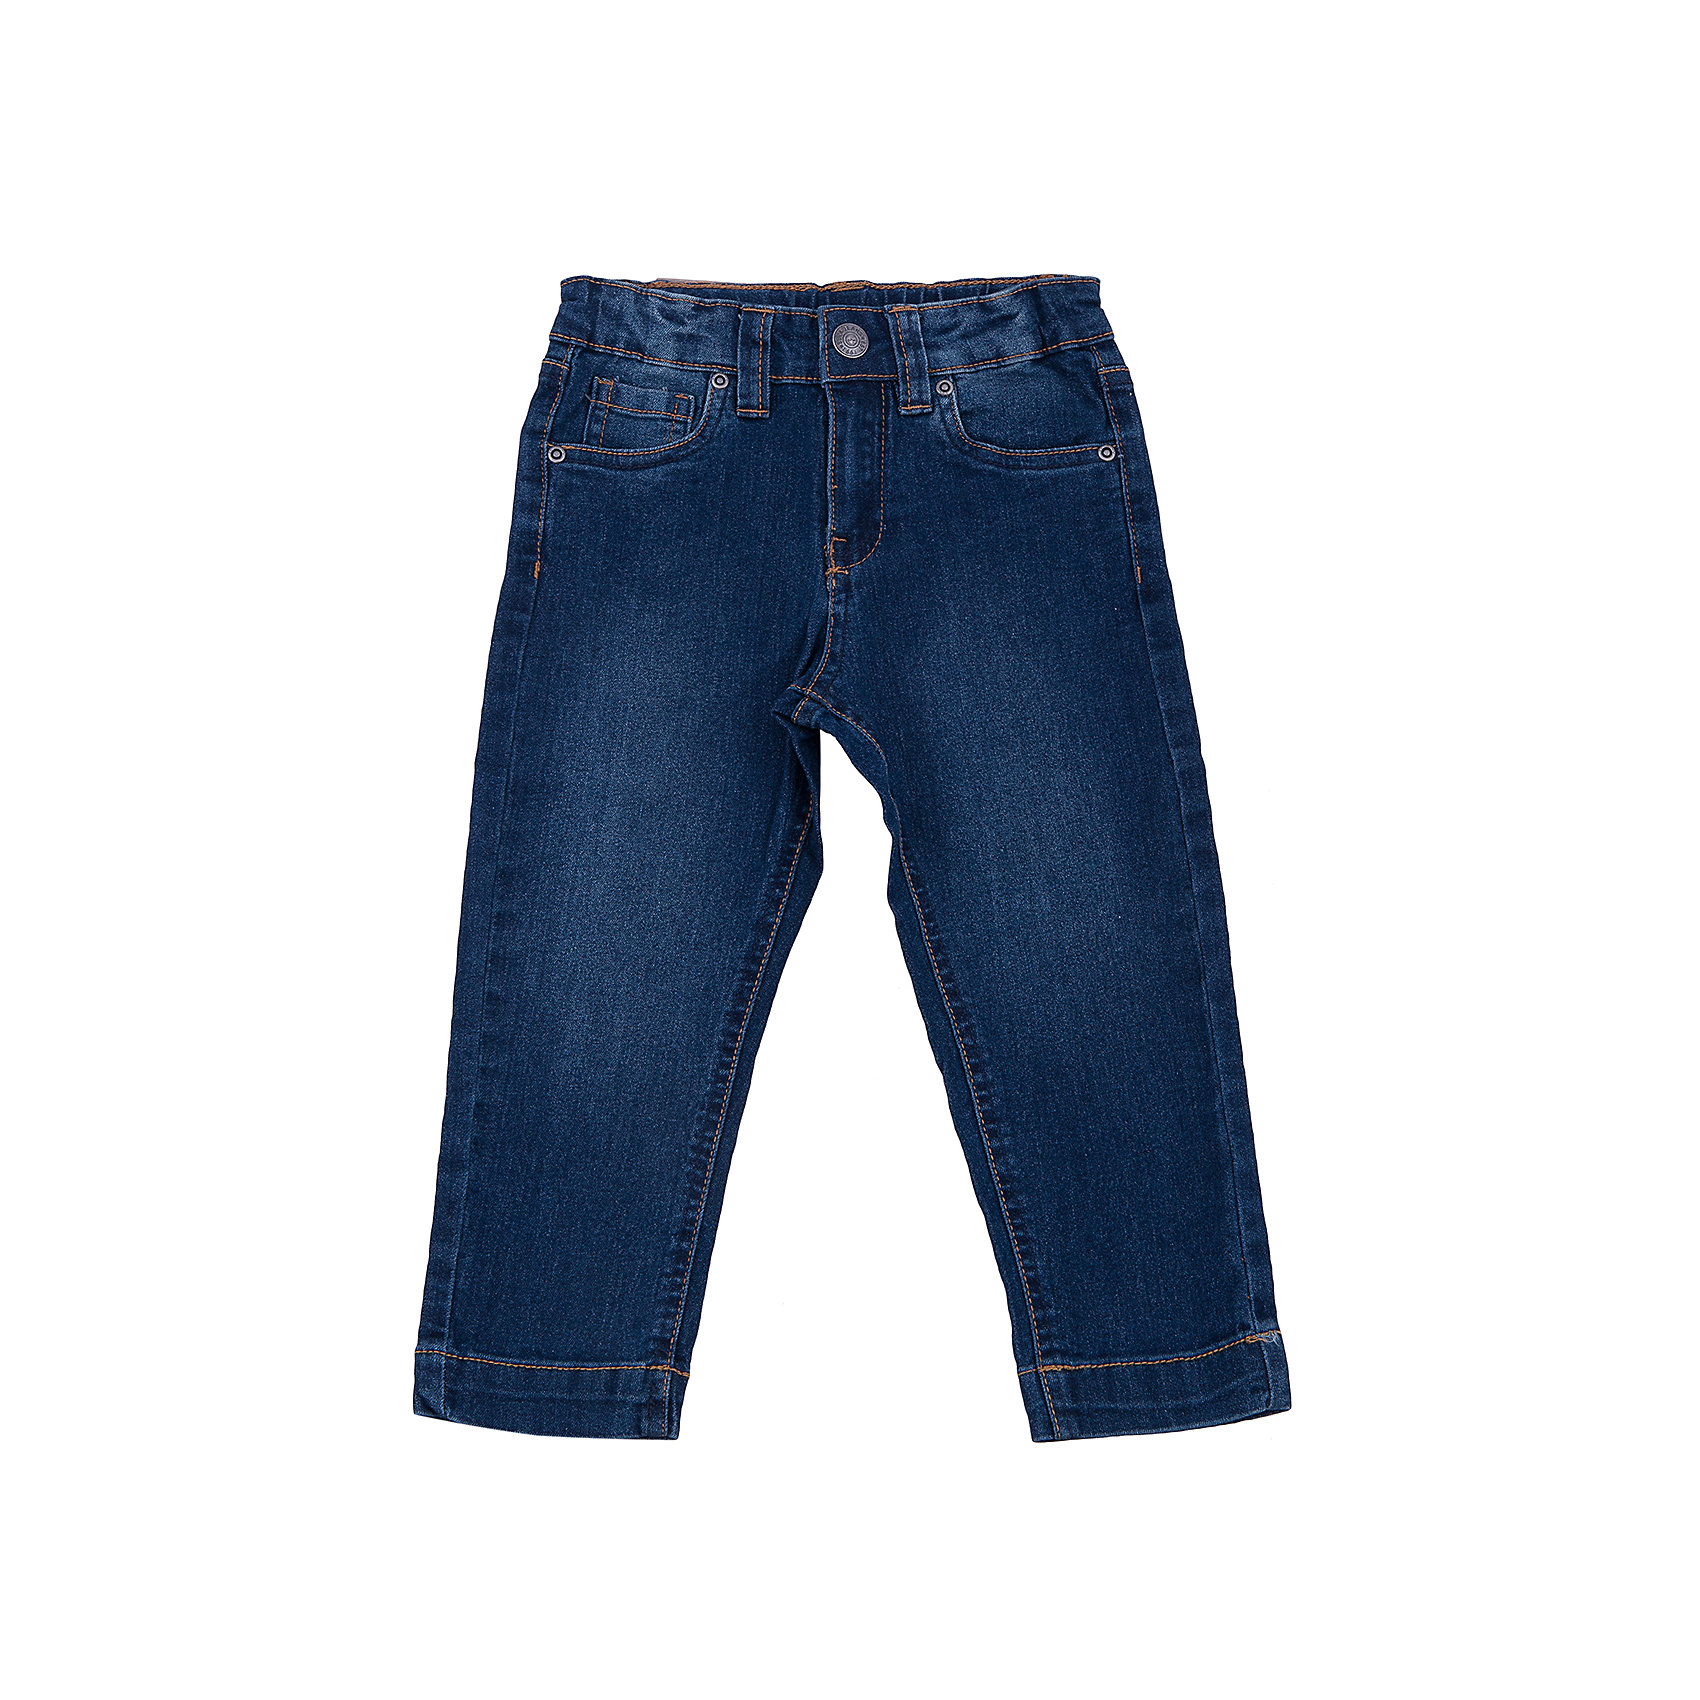 Джинсы для мальчика SELAДжинсы для мальчика из коллекции осень-зима 2016-2017 от известного бренда SELA. Классические джинсовые брюки приятного темно-синего цвета сделаны из хлопка. Брюки на молнии, имеют 5 карманов, прекрасно подойдут как к рубашкам, так и к футболкам.<br><br>Дополнительная информация:<br>- Силуэт прямой <br><br>Состав: 80% хлопок, 17% ПЭ, 3% эластан<br><br>Брюки для мальчиков Sela можно купить в нашем интернет-магазине.<br>.<br>Подробнее:<br>• Для детей в возрасте: от 2 до 6 лет<br>• Номер товара: 4913249<br>Страна производитель: Бангладеш<br><br>Ширина мм: 215<br>Глубина мм: 88<br>Высота мм: 191<br>Вес г: 336<br>Цвет: синий<br>Возраст от месяцев: 18<br>Возраст до месяцев: 24<br>Пол: Мужской<br>Возраст: Детский<br>Размер: 92,98,110,104,116<br>SKU: 4913248